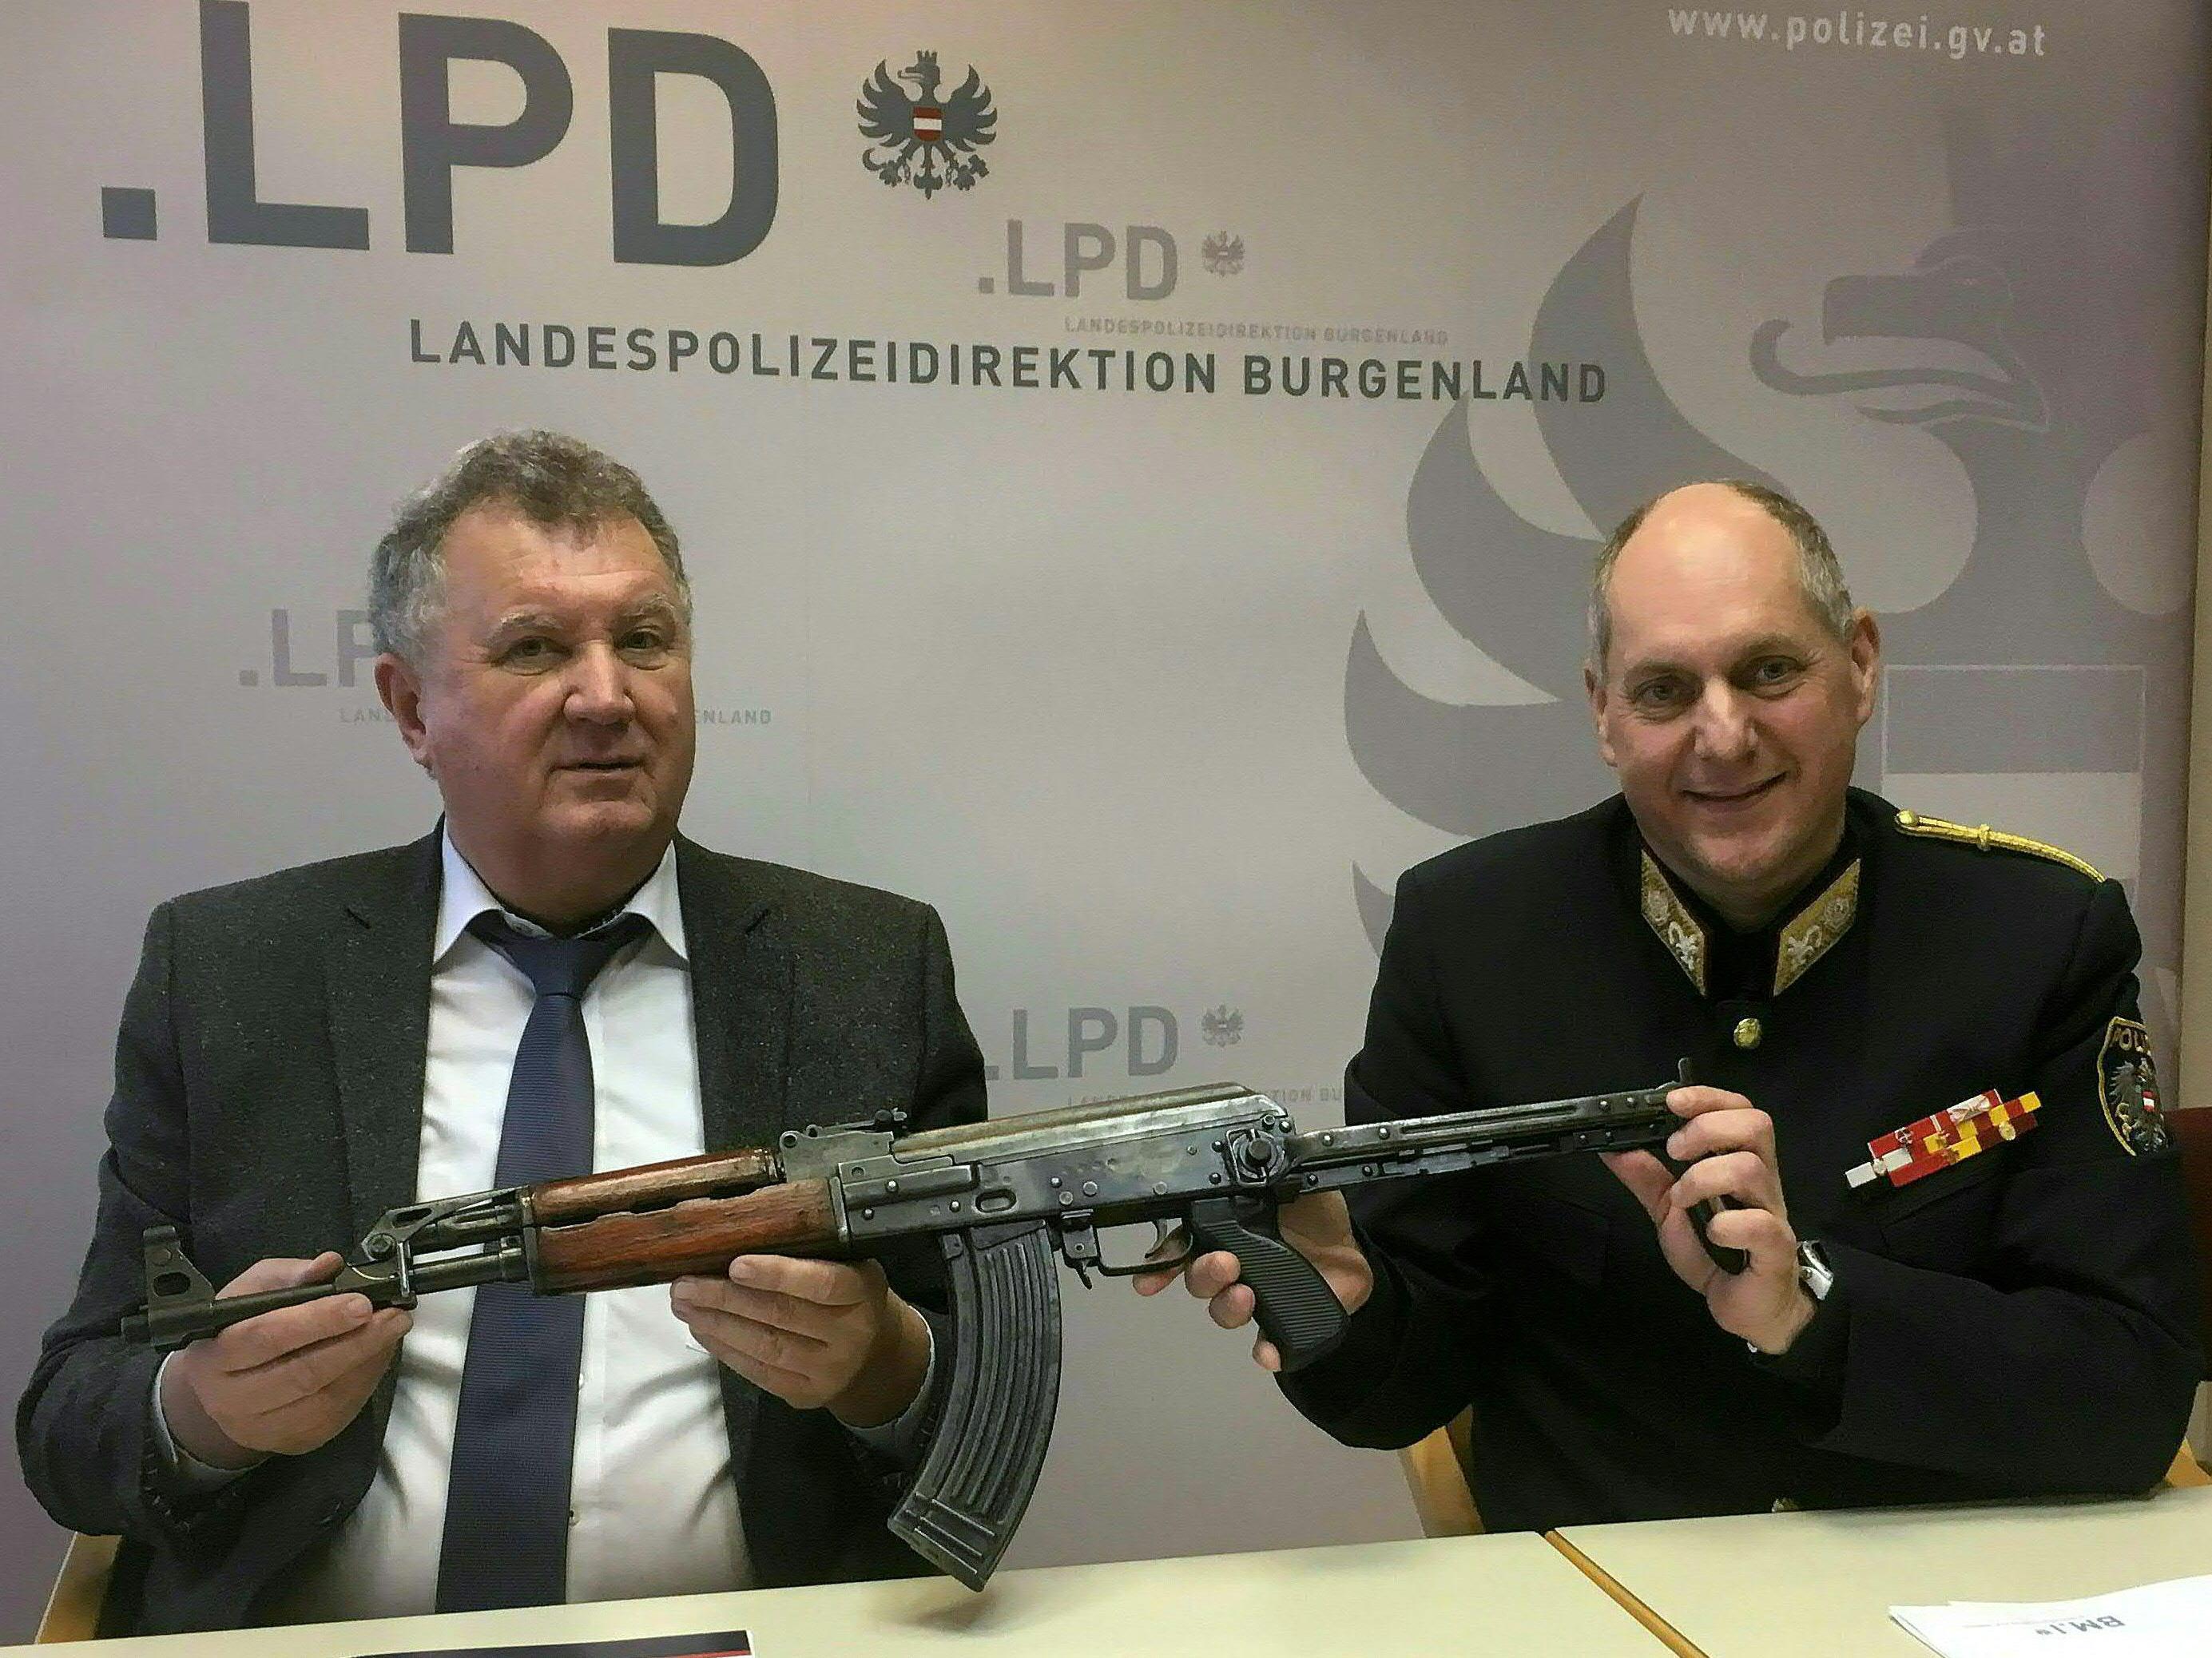 Drogen, Falschgeld und Waffen wurden sichergestellt.